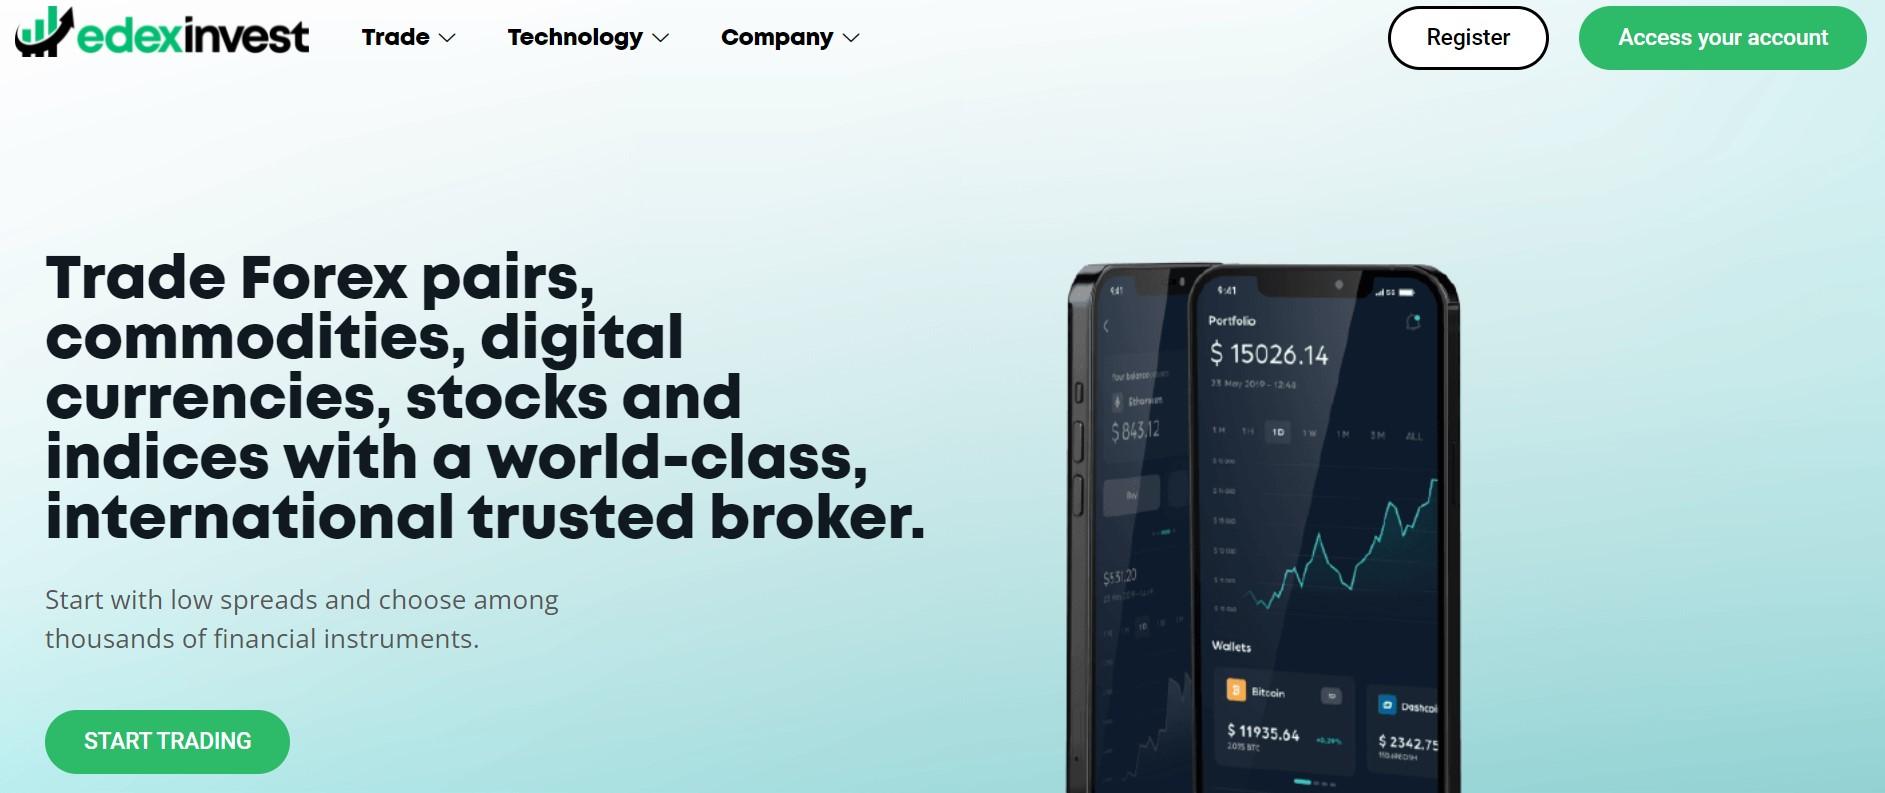 Edex Invest website